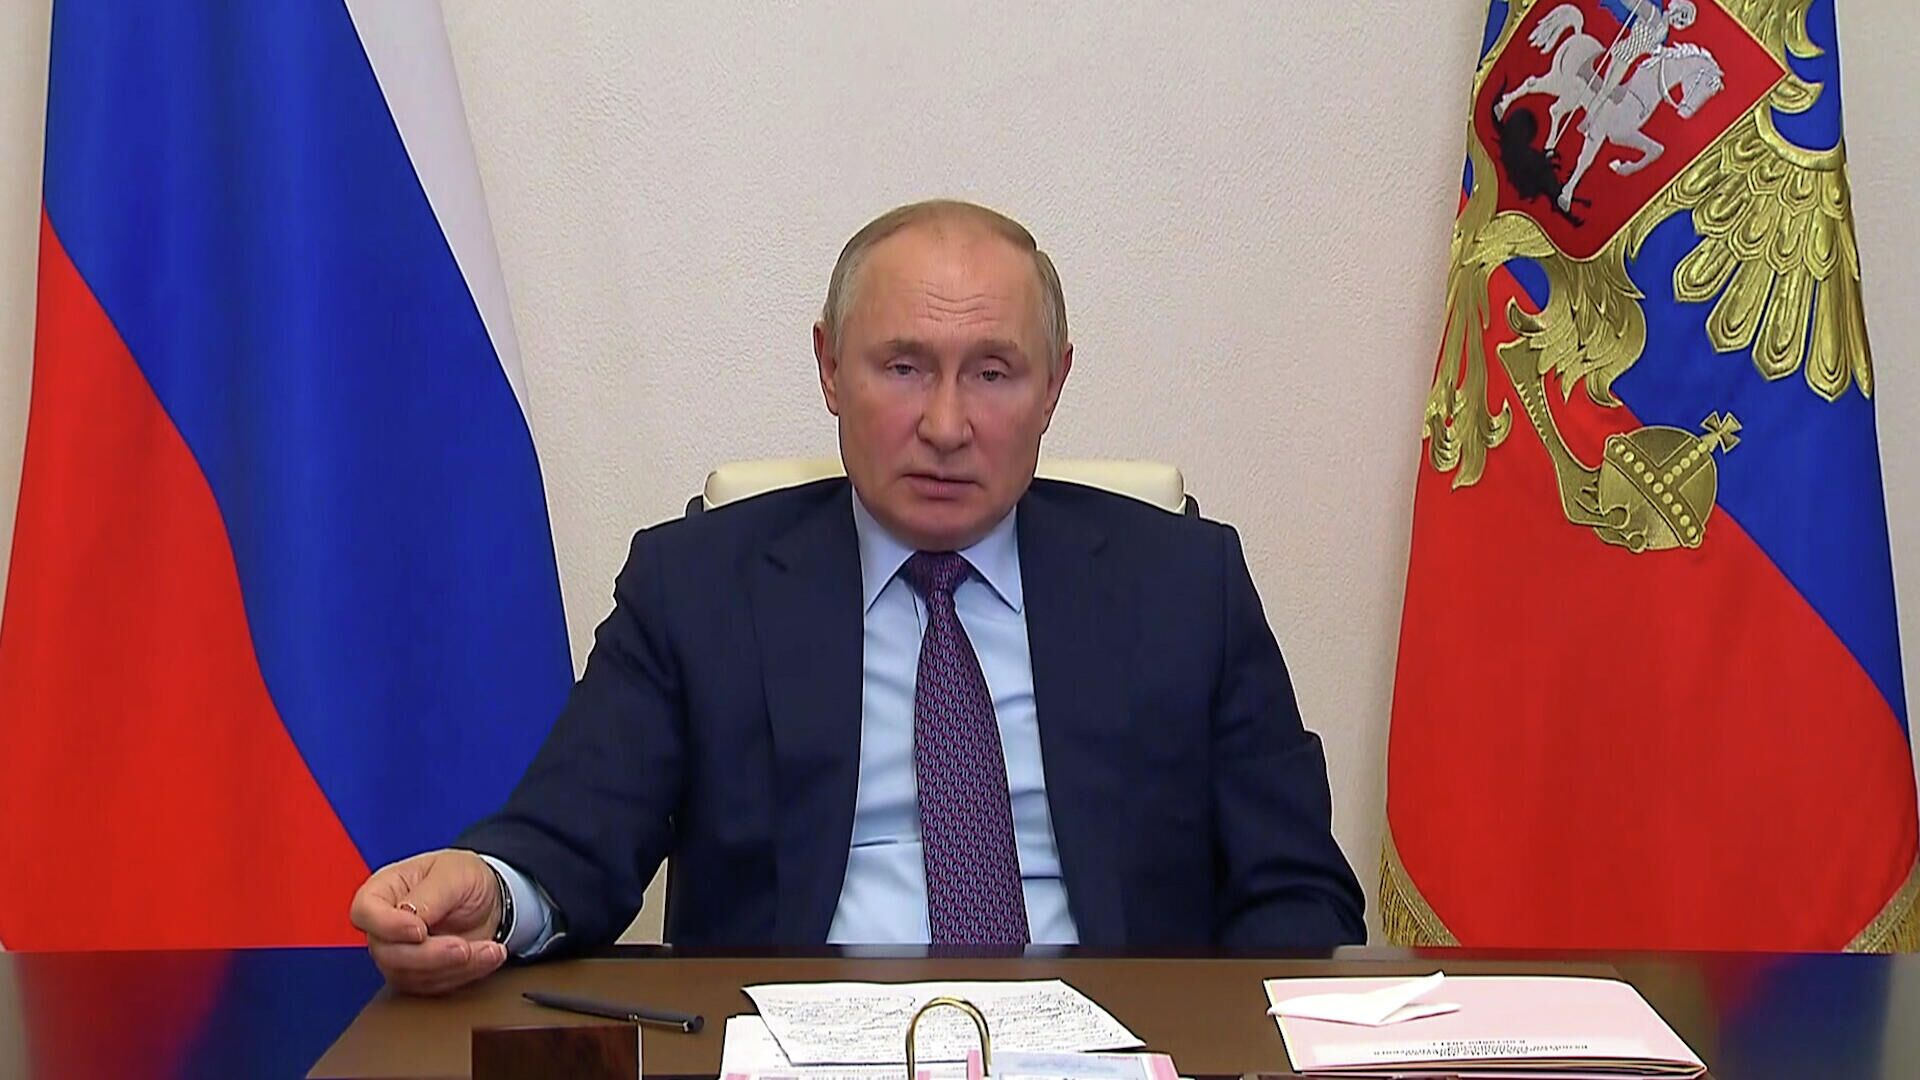 Путин: нужно полностью соблюдать контрактные обязательства по транзиту газа  - РИА Новости, 1920, 06.10.2021